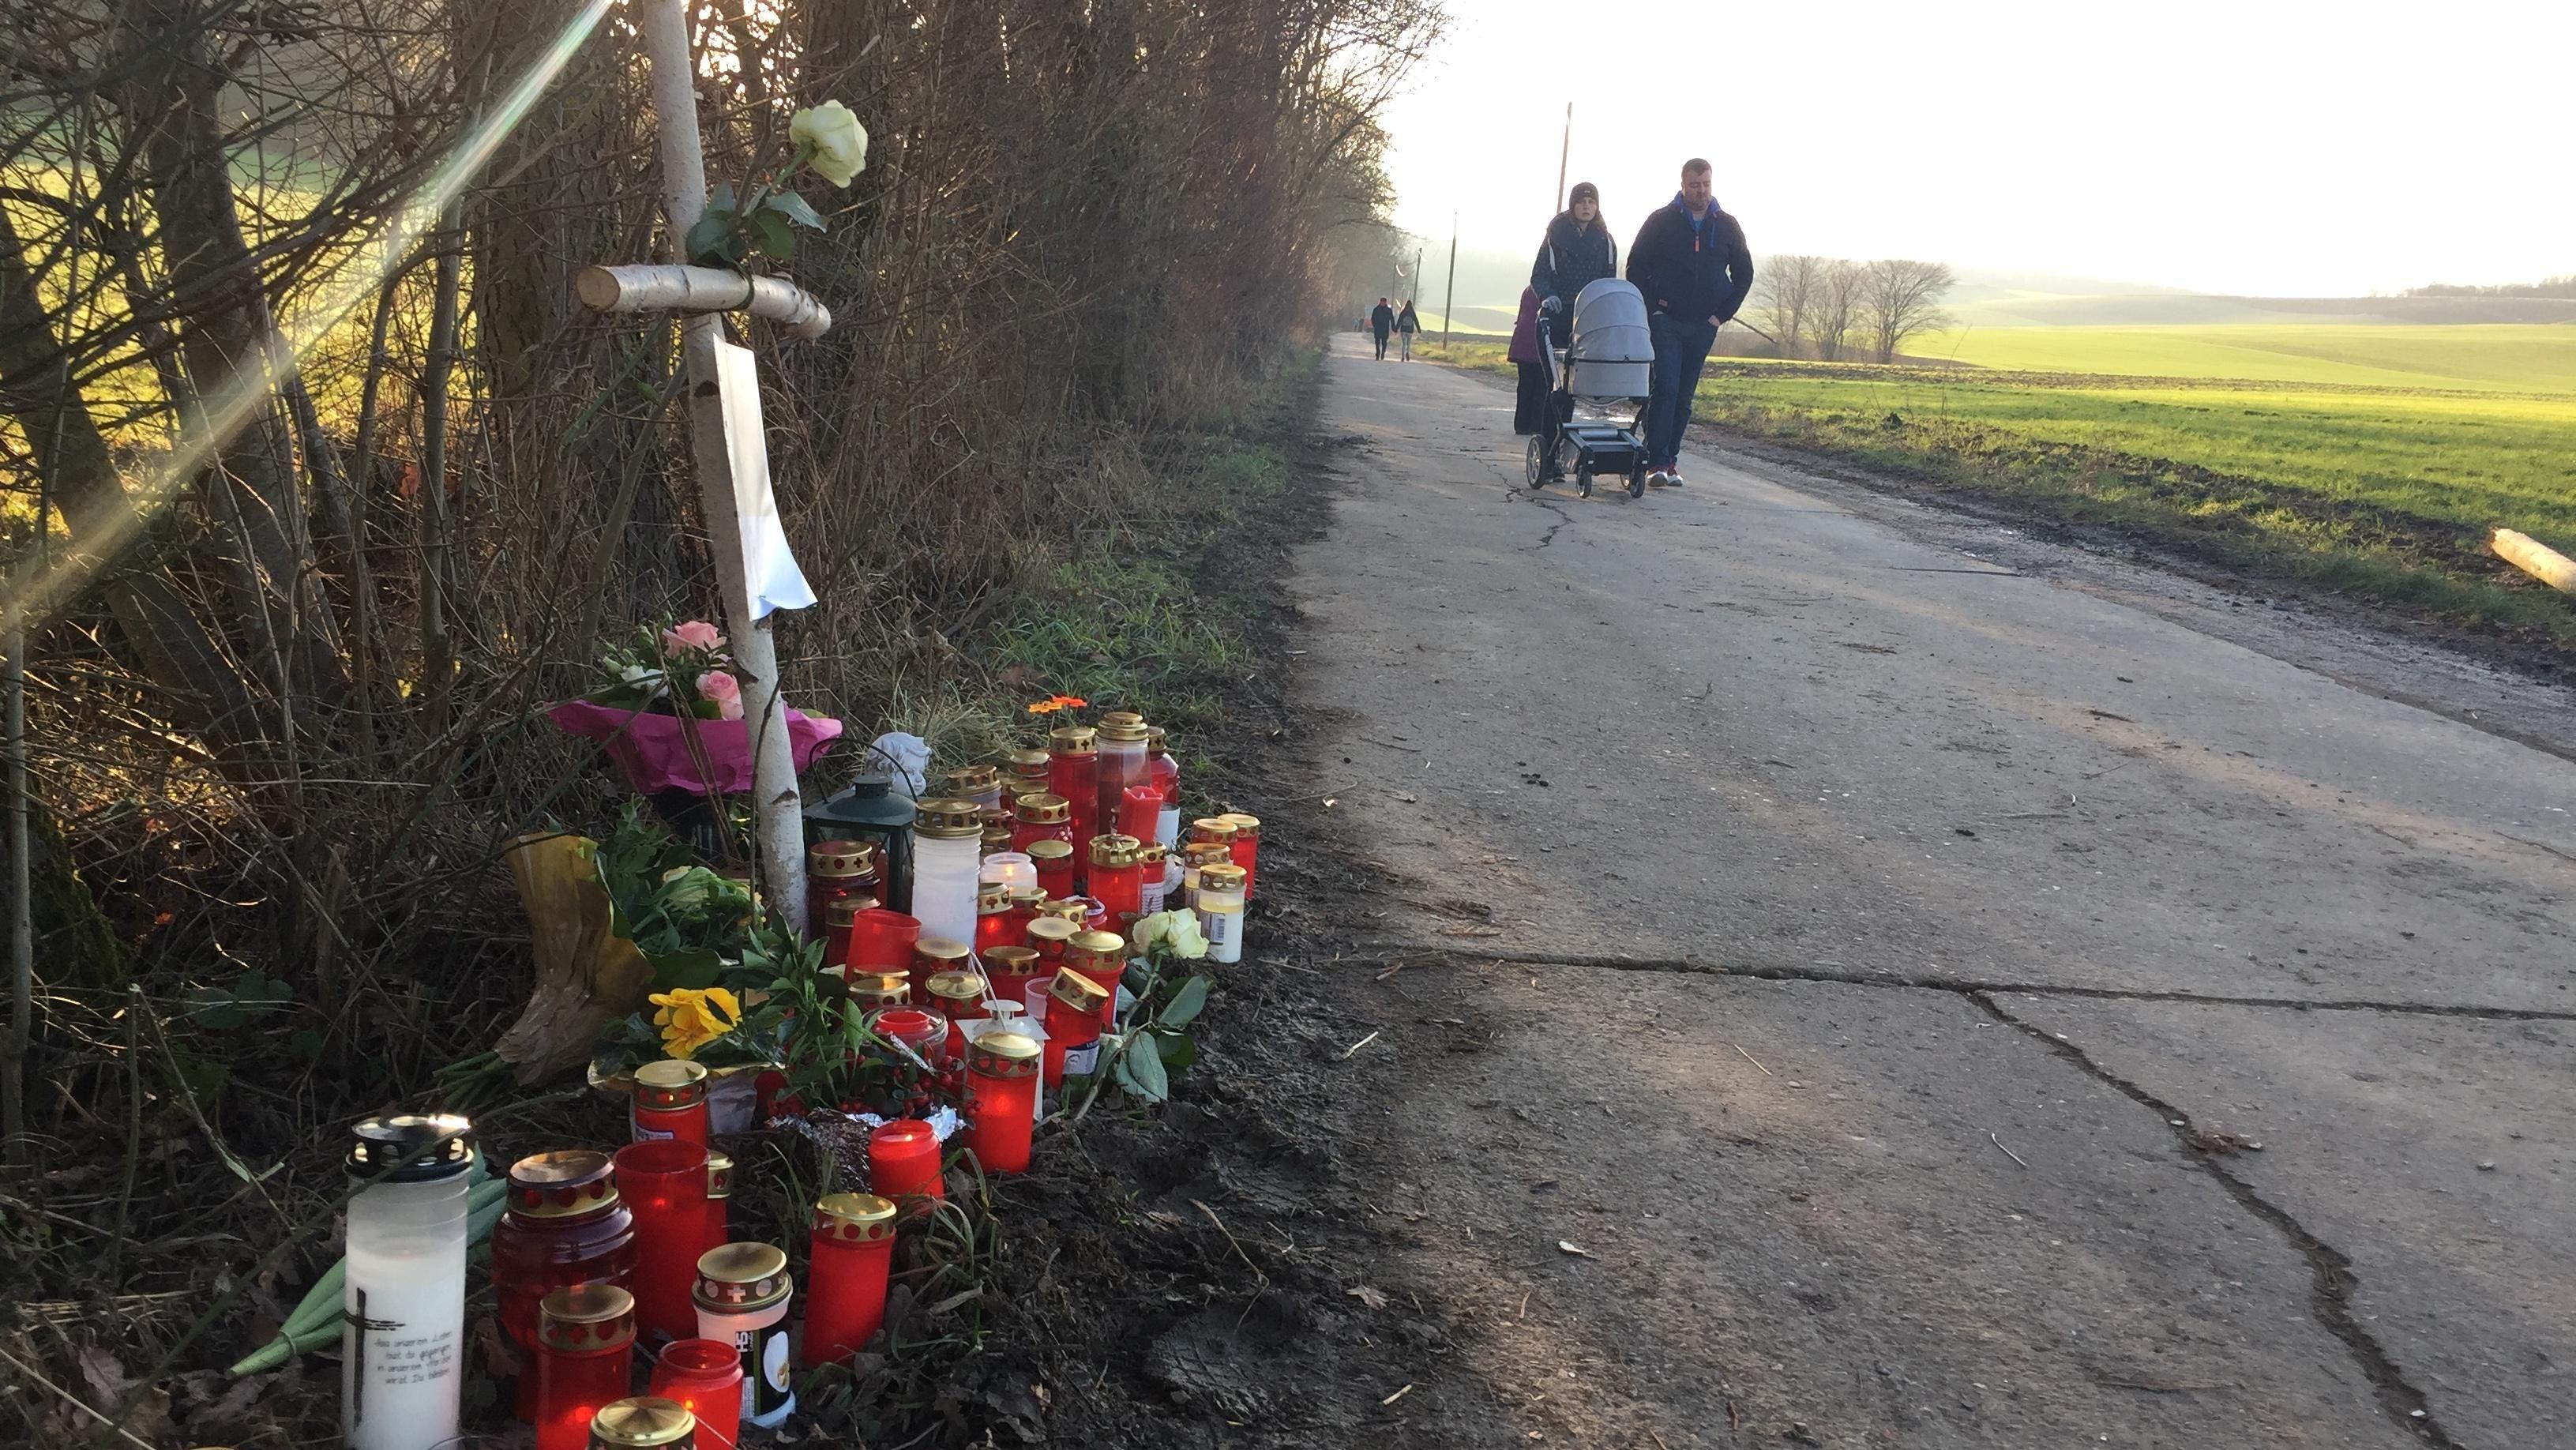 Unfallstelle bei Hettstadt, an der am Dreikönigstag 2018 eine 26-jährige Frau überfahren wurde